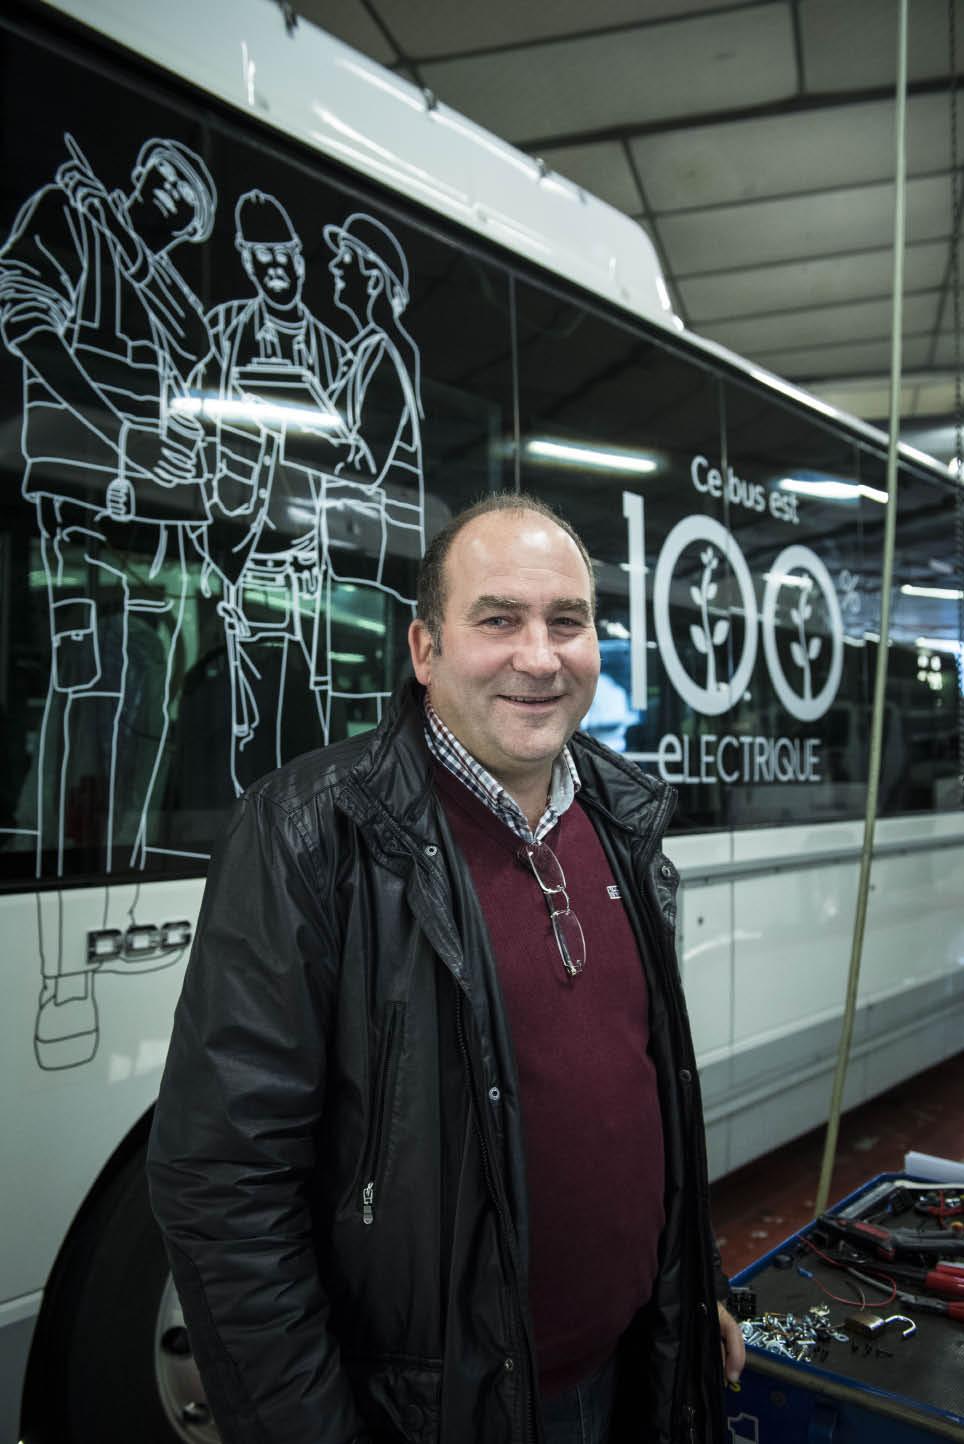 Les bus électriques sont plus fiables, plus confortables et nécessitent  moins de maintenance. © Dorothée Parent